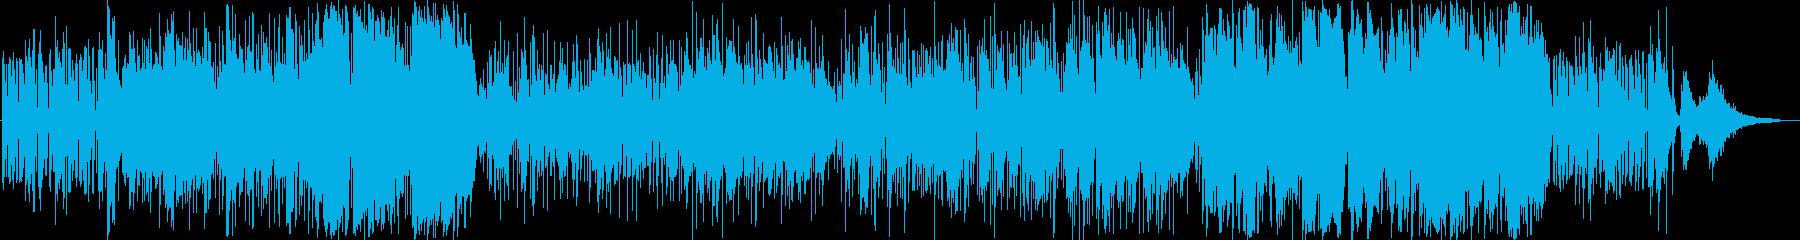 夏の海・ビーチリゾートのオシャレなジャズの再生済みの波形